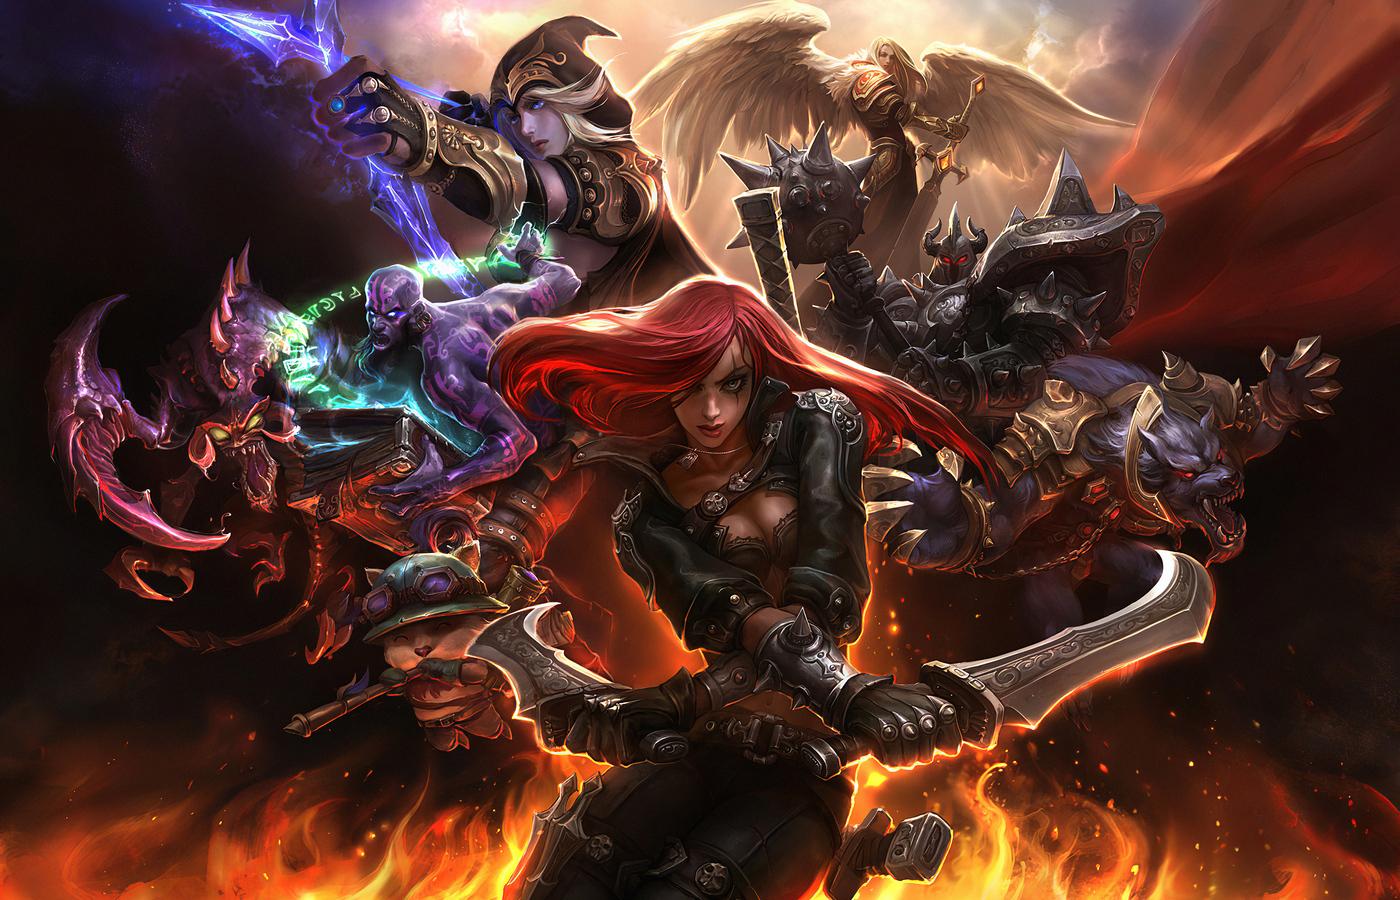 league-of-legends-banner-art-4k-4g.jpg